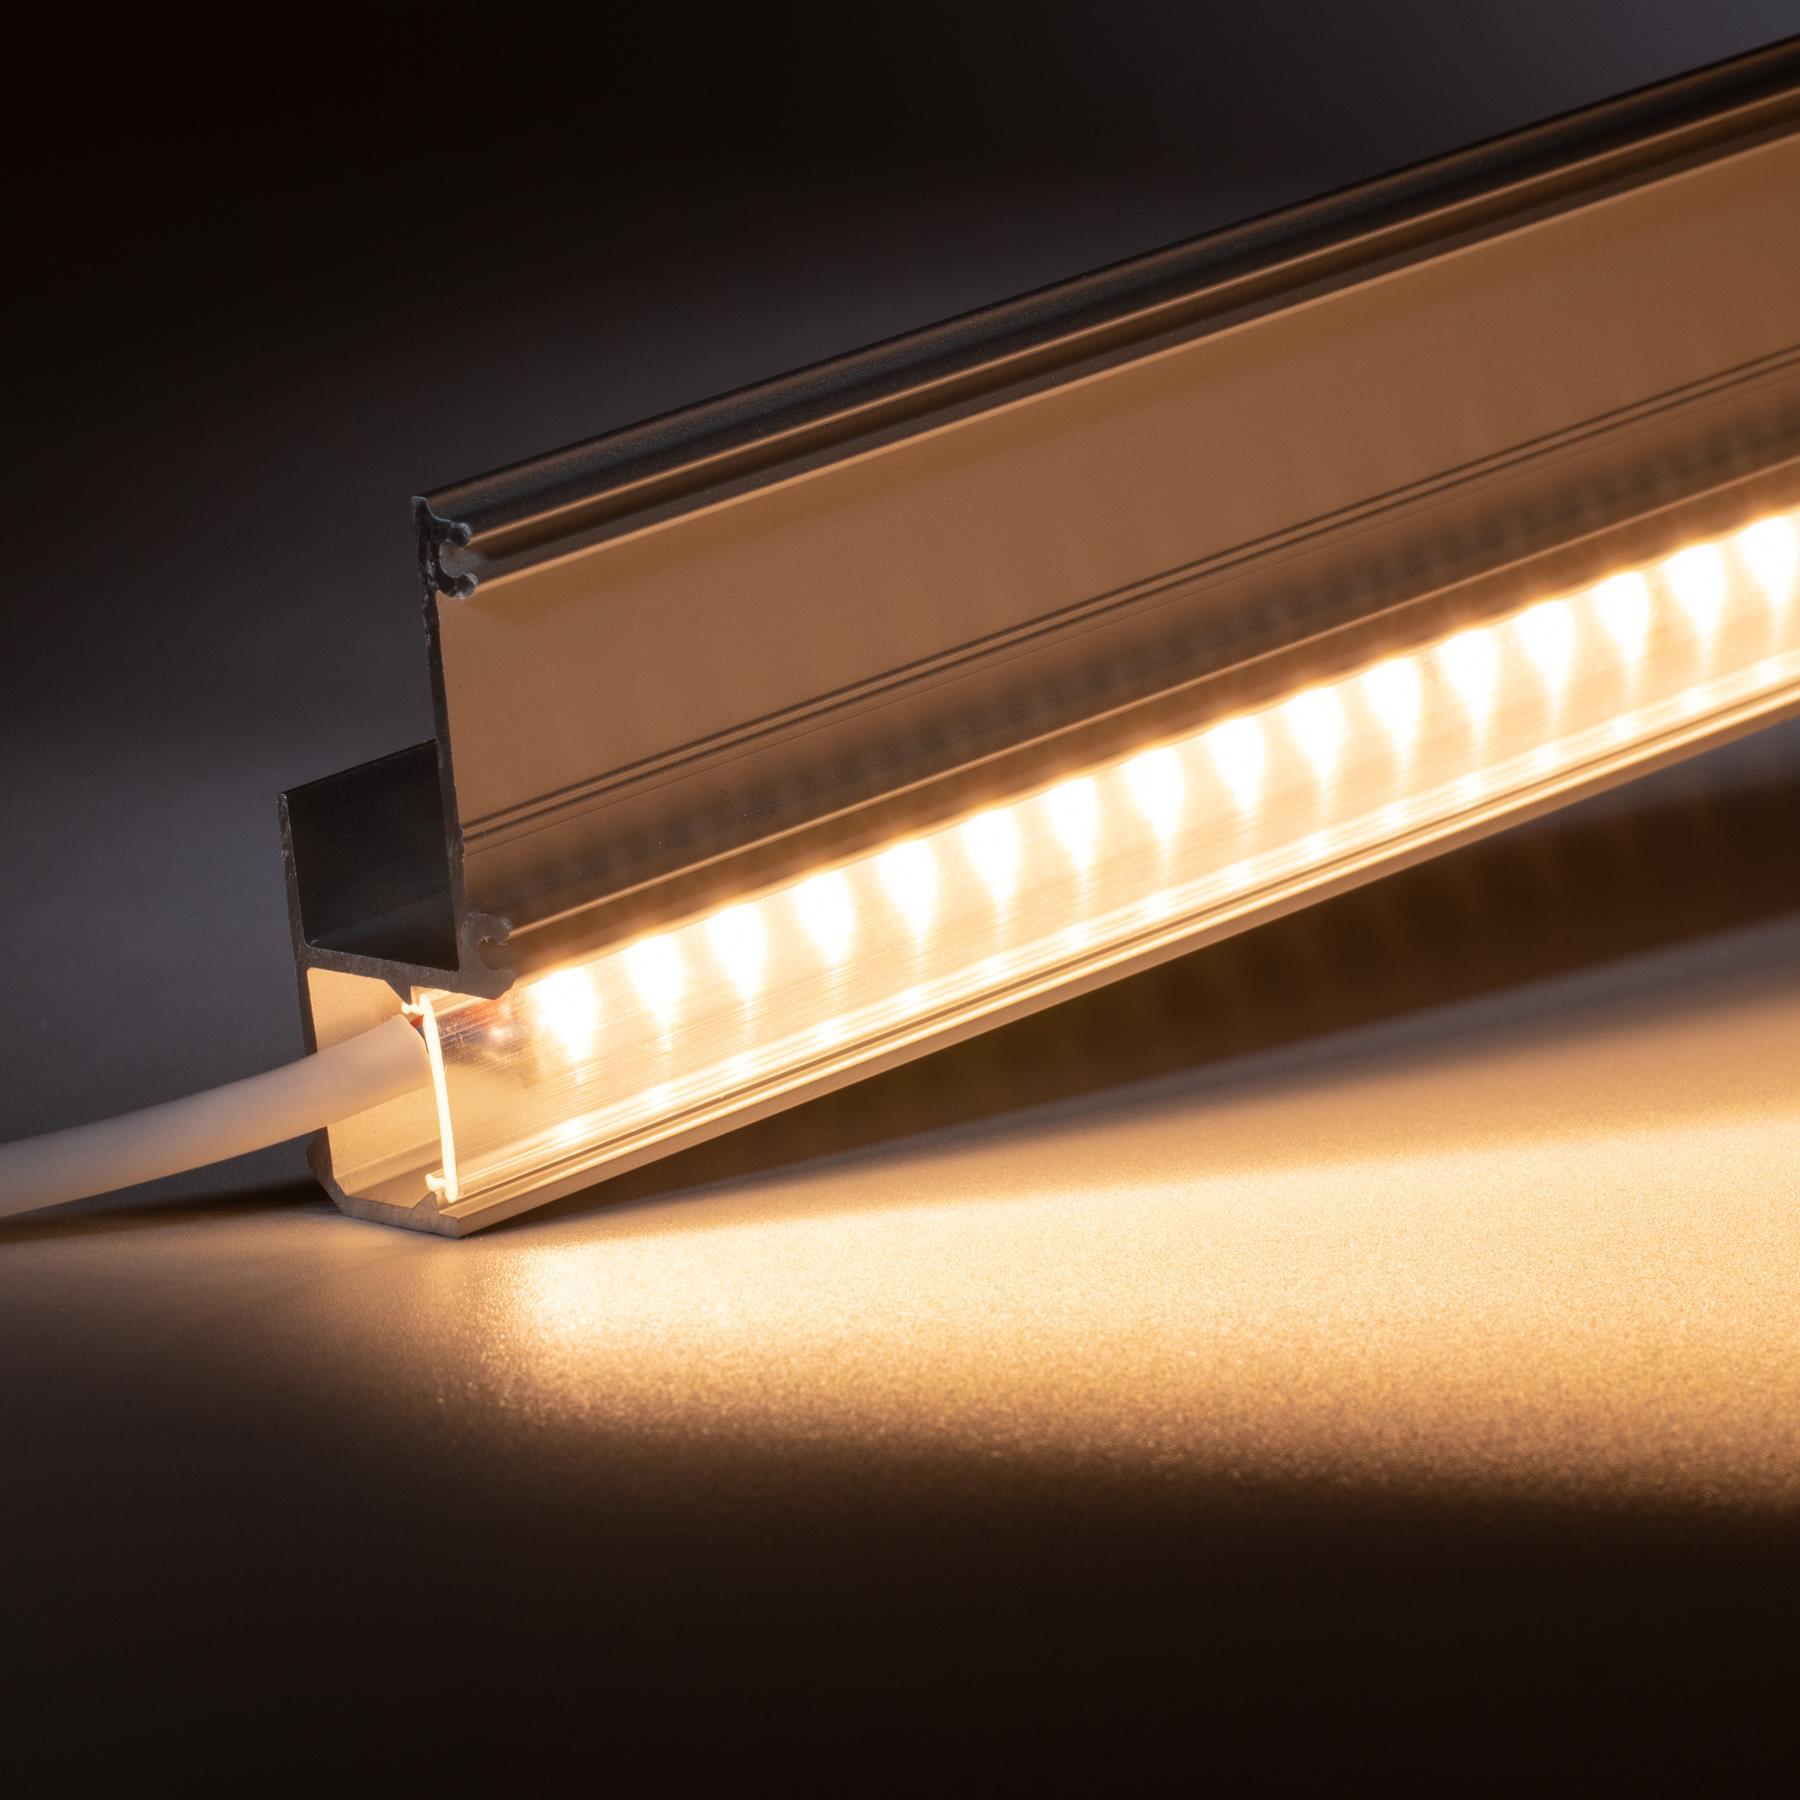 Indirekte Beleuchtung Decke   LED Deckenbeleuchtung